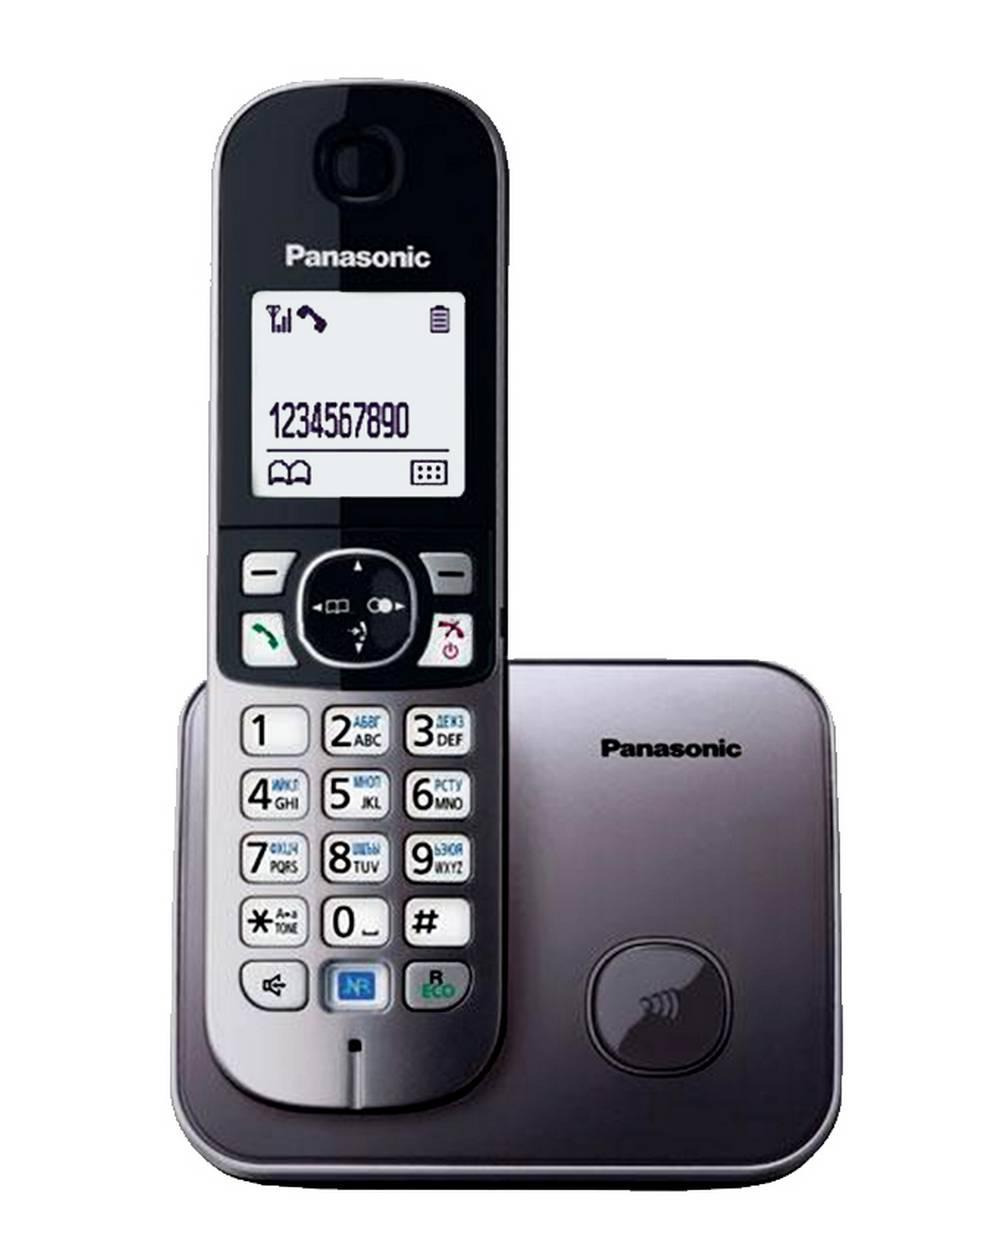 Ασύρματο Ψηφιακό Τηλέφωνο Panasonic KX-TG6811GRM Ασημί με Λειτουργία Διακοπής Ρεύματος και Λειτουργία ECO